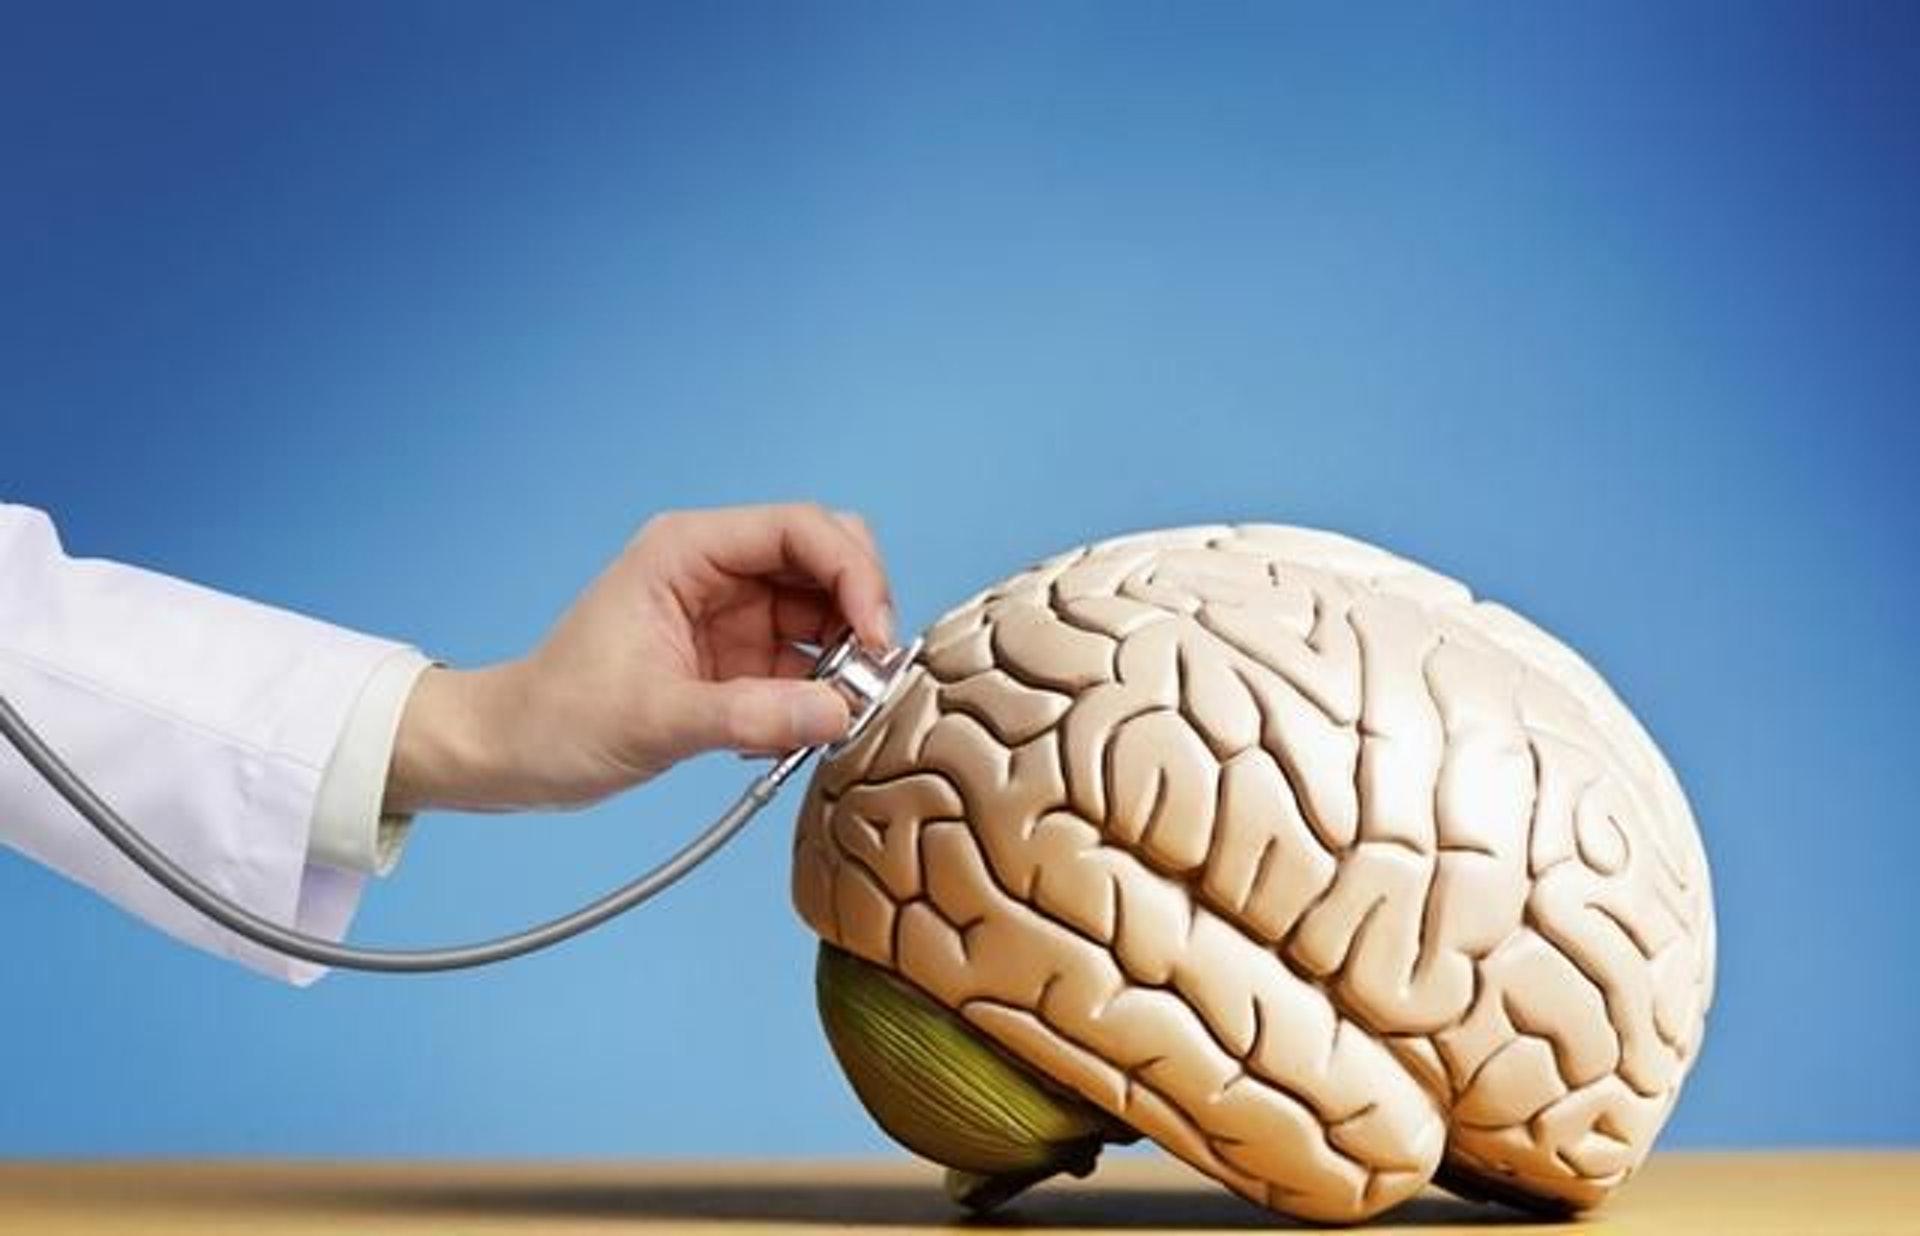 柏金遜症的成因至今未明,但部分疾病如腦腫瘤、中風及腦血管病或會誘發柏金遜症。(圖片:enanyang)